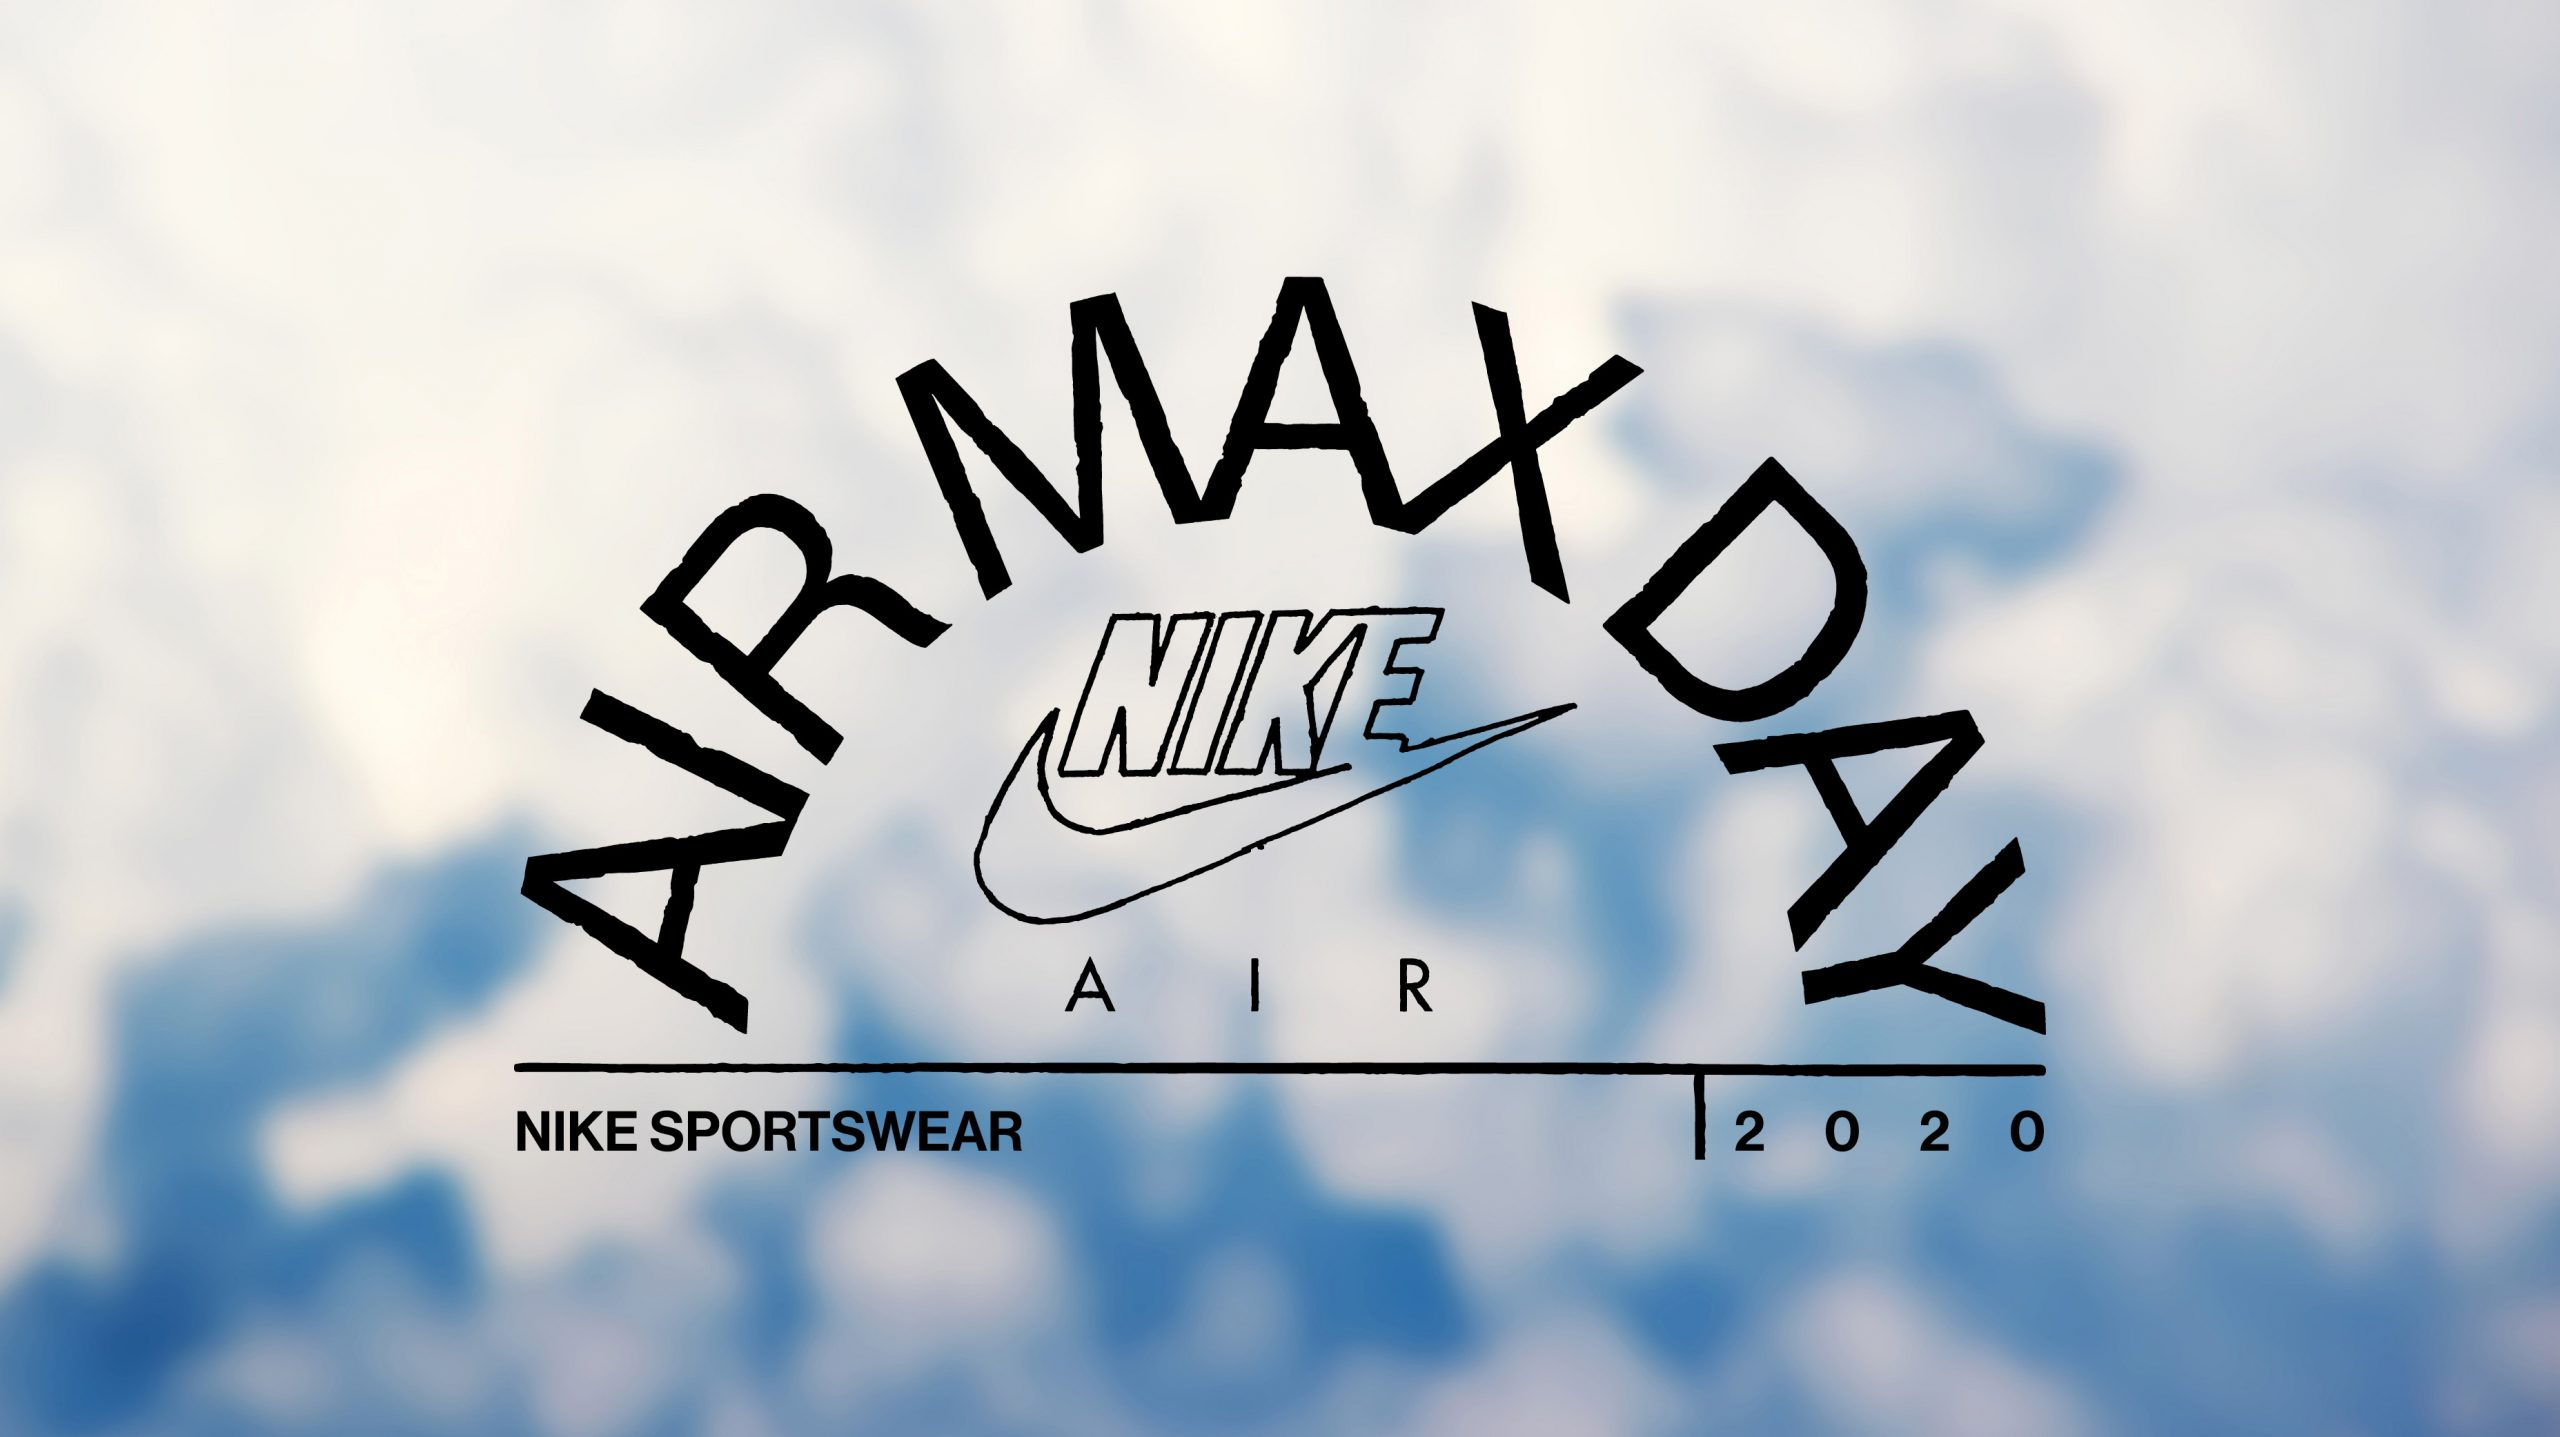 来自 Air Max Day 2020 云派对的邀请函